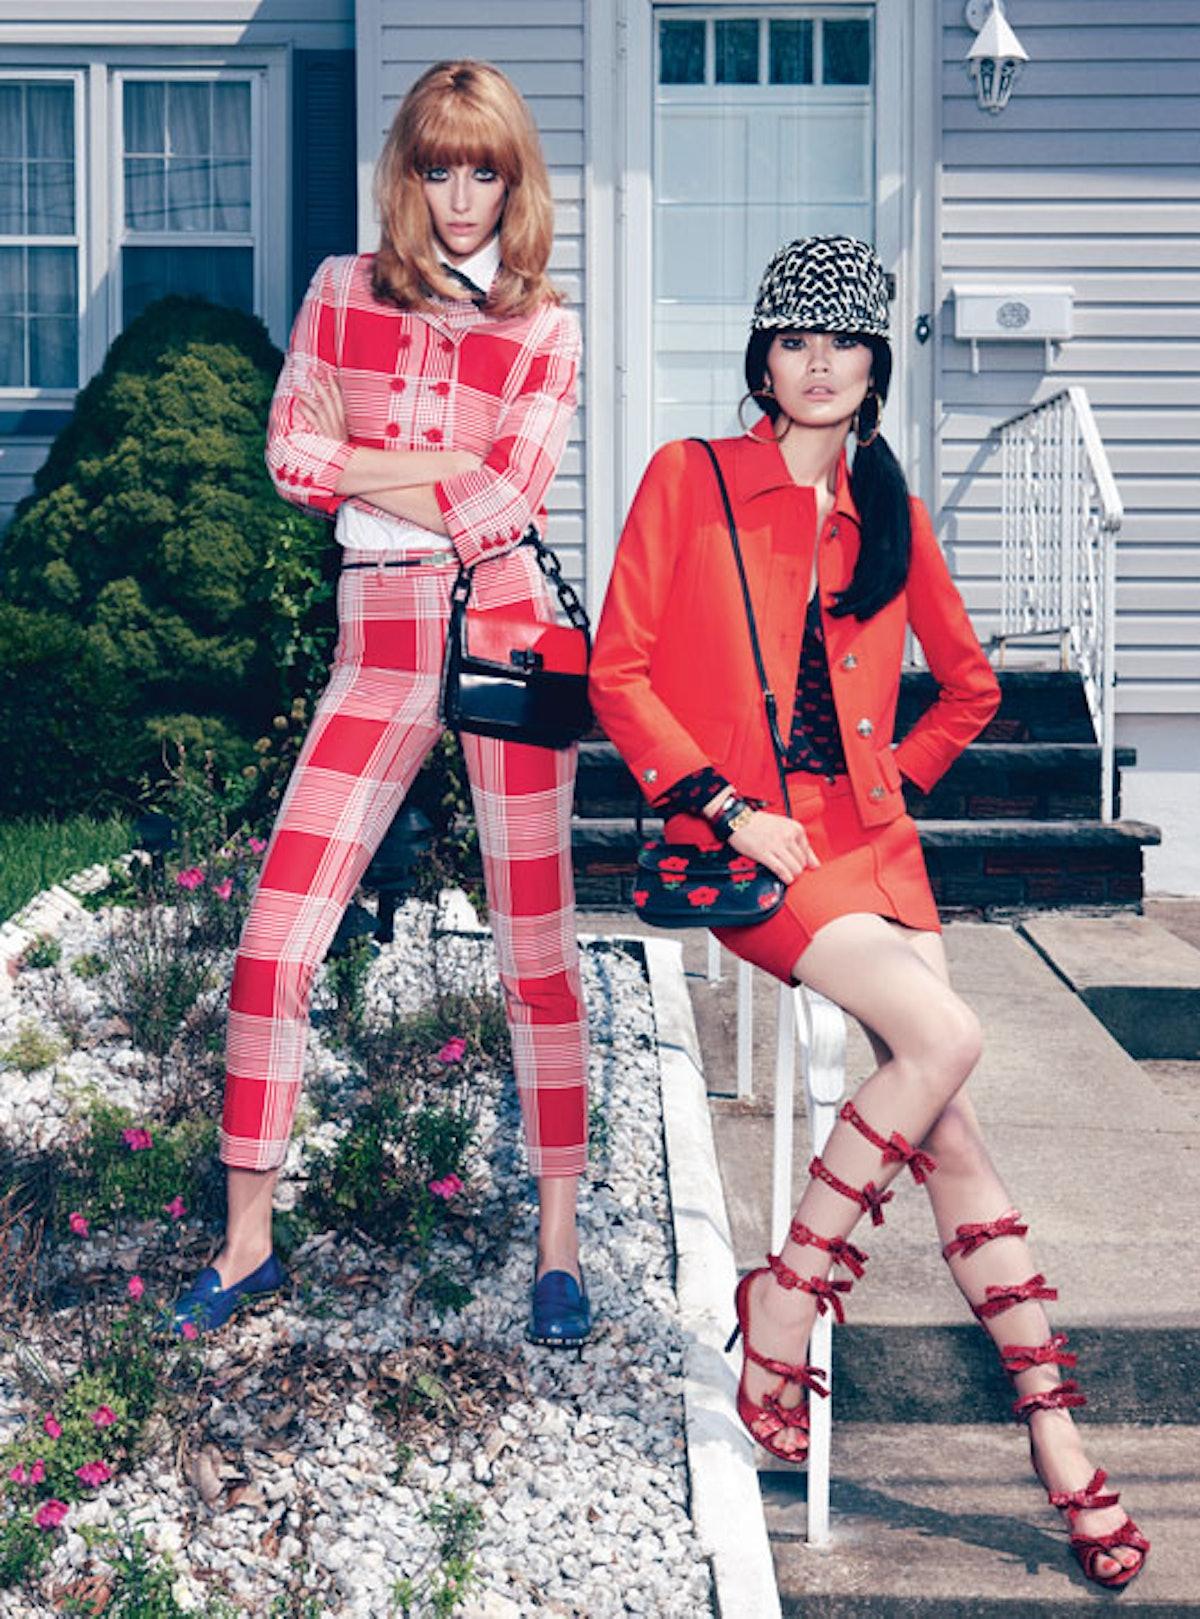 fass-fall-fashion-suburbs-04-l.jpg